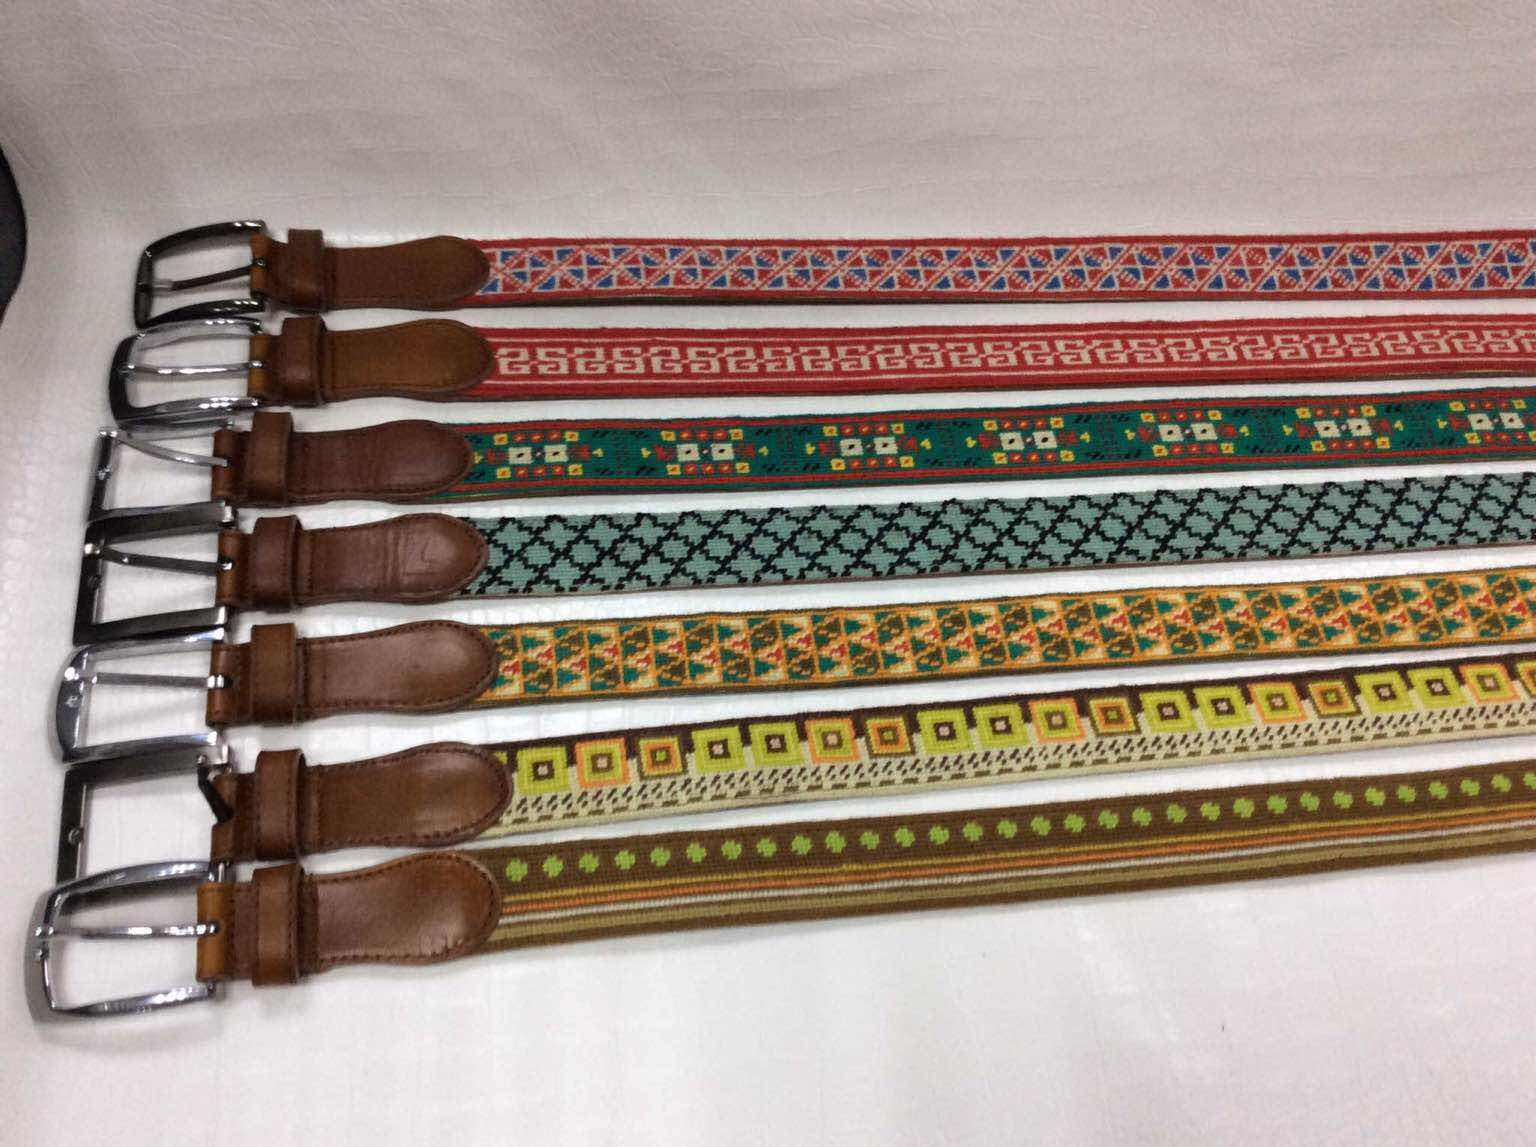 上海宗荣艺家绒绣专业生产绒绣腰带外贸手工艺品